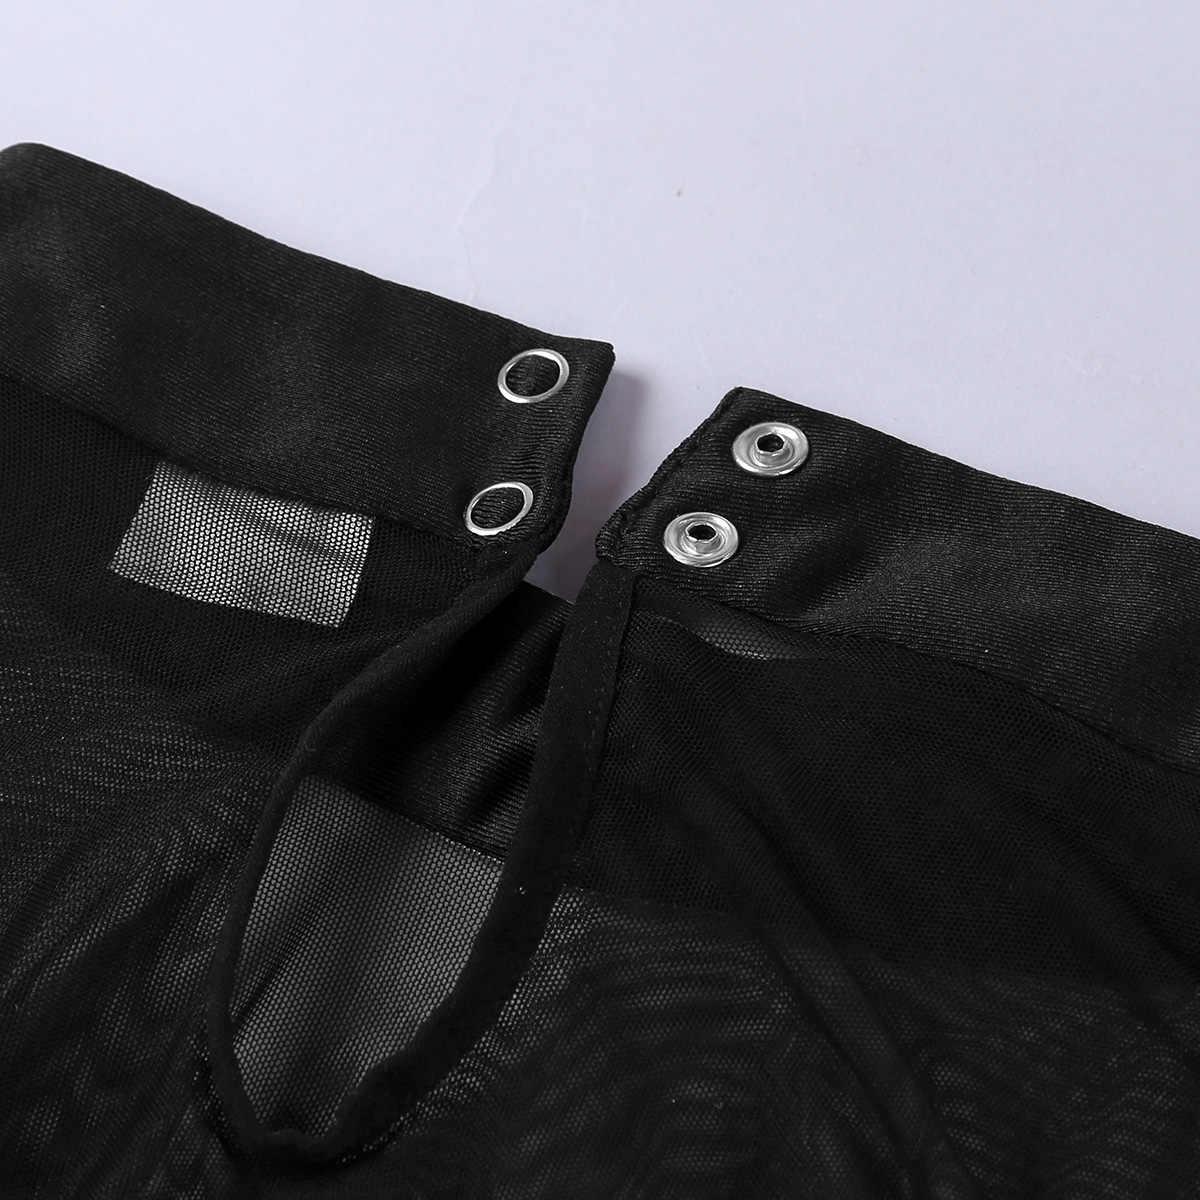 FEESHOW мужские трусы набор мужской прозрачный сетчатый топ без рукавов майка рубашка с боксером трусы нижнее белье необычный праздничный наряд костюмы